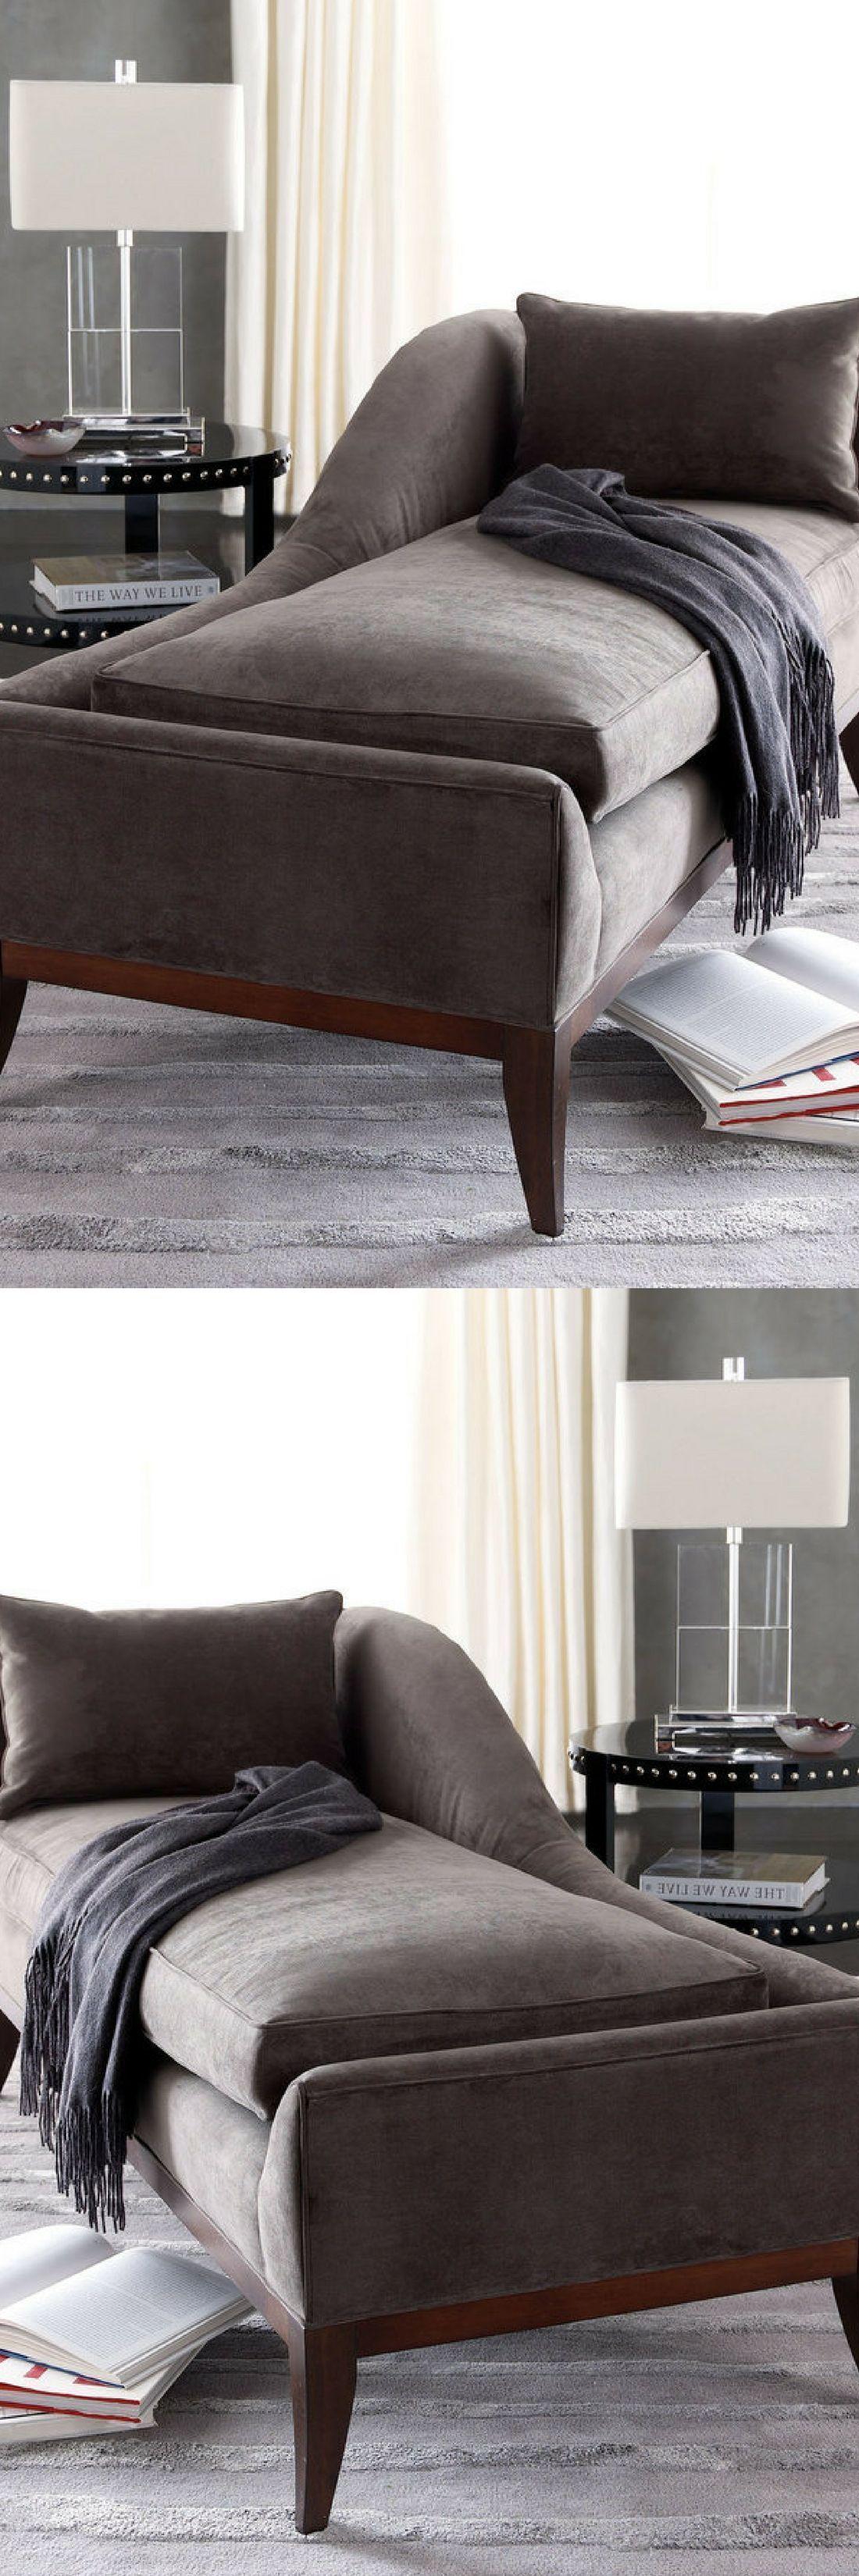 Home decor ideas living room living room